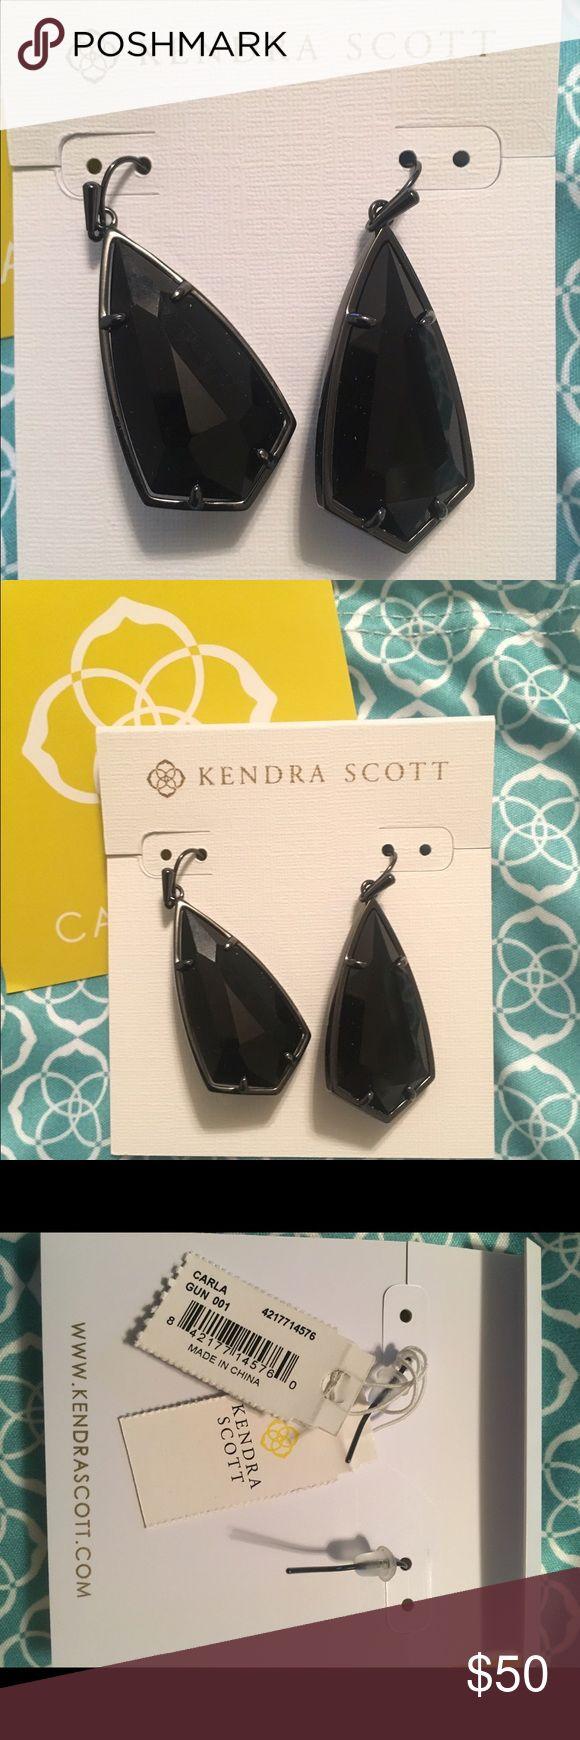 Kendra Scott Authentic New Carla Drop earrings Kendra Scott Brand New Carla Drop Earrings in Gun. Black on black. Kendra Scott Jewelry Earrings